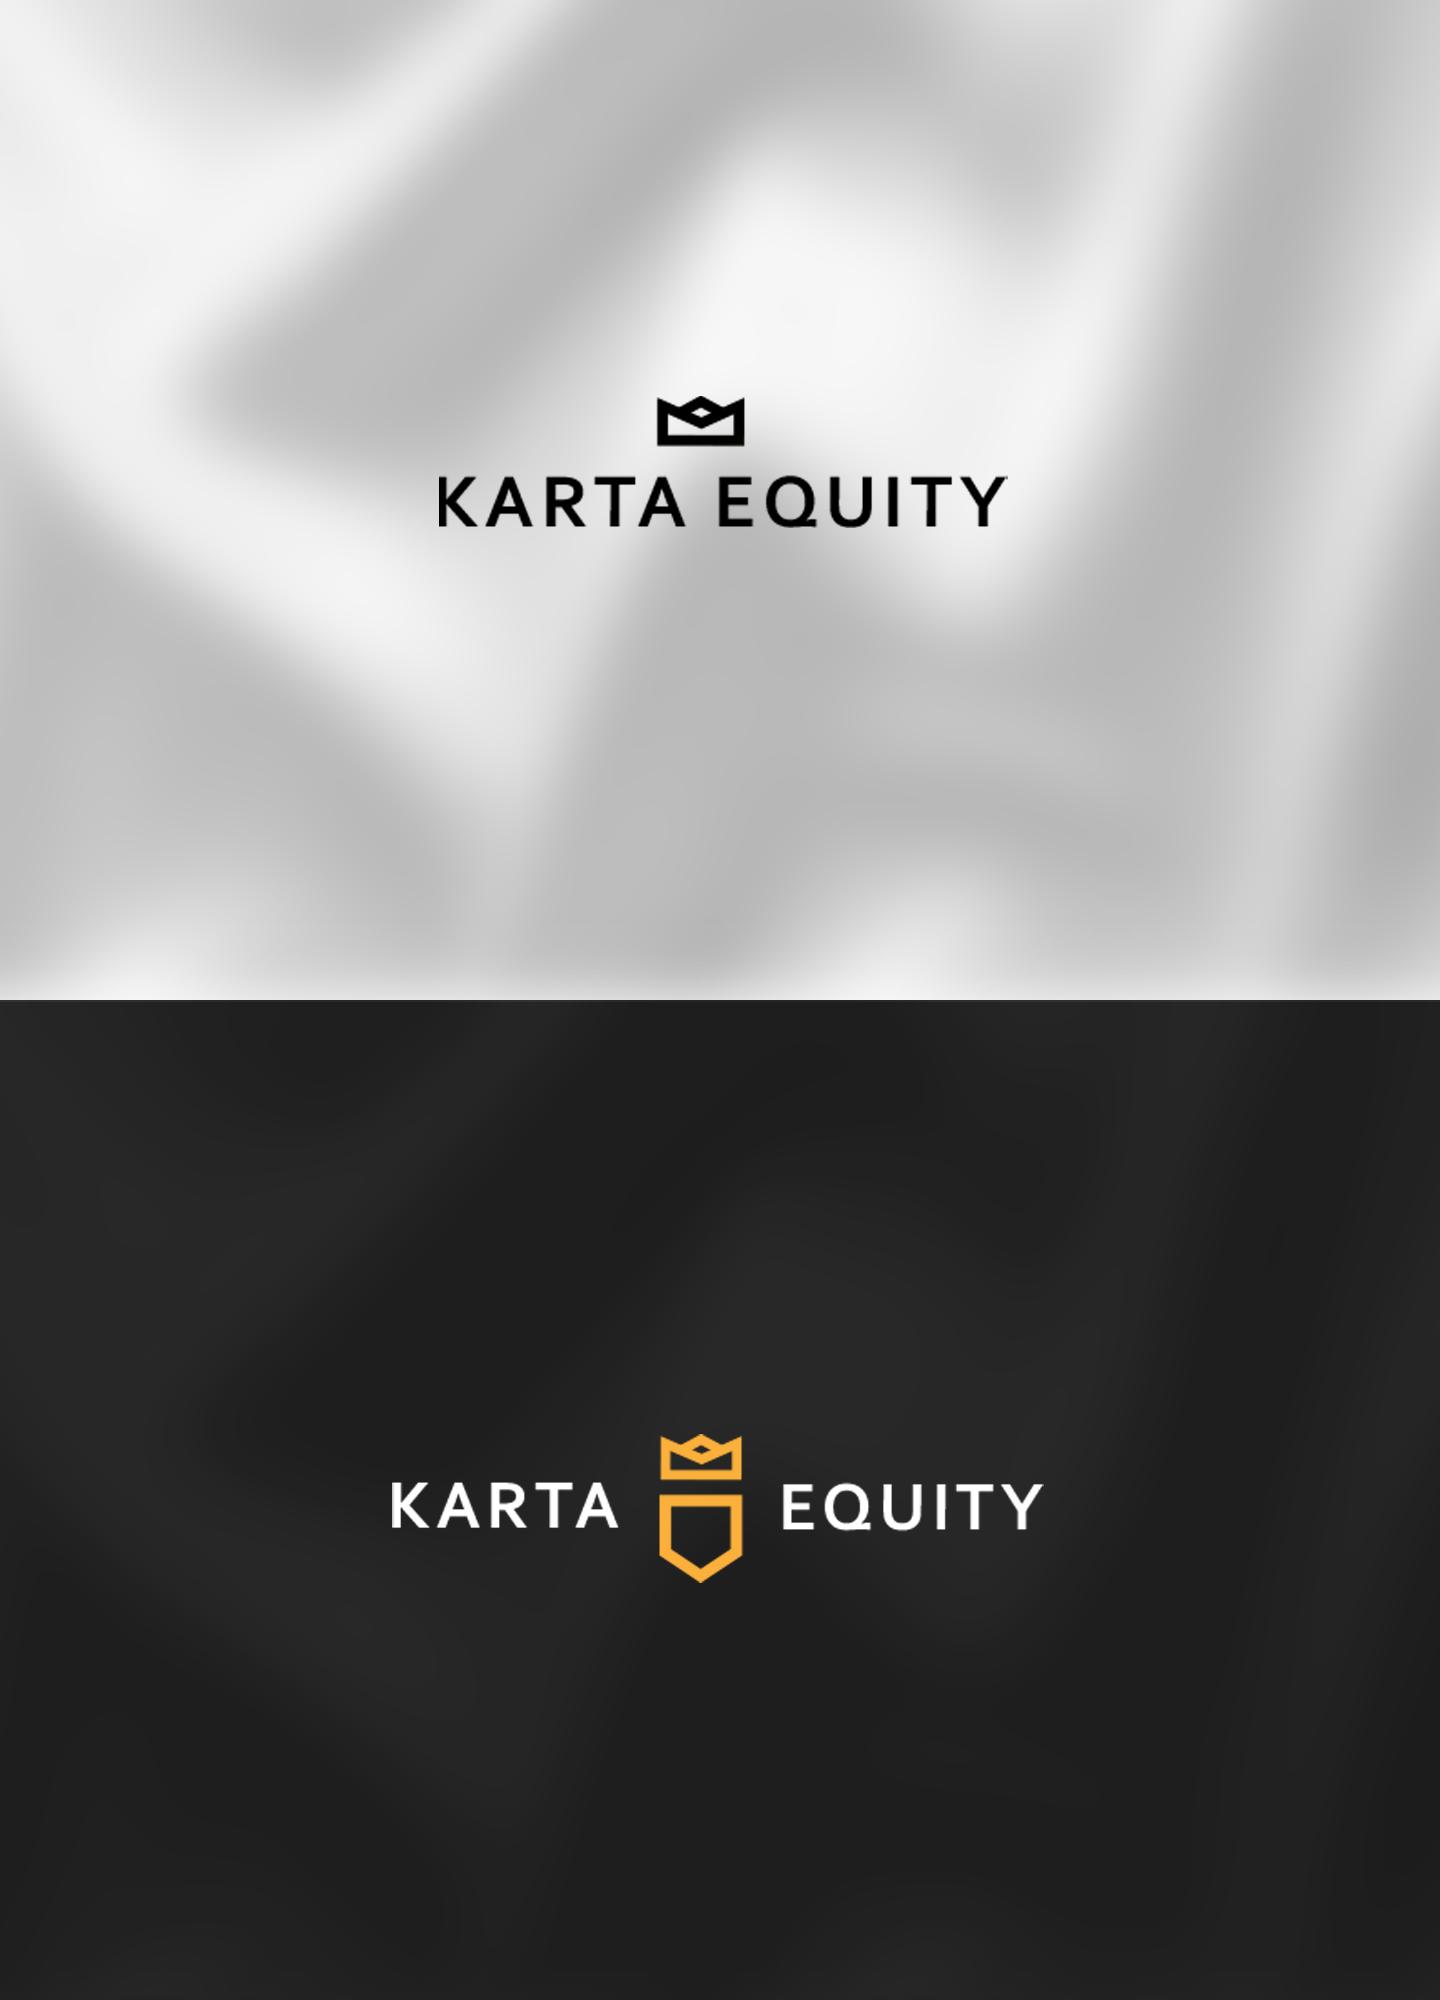 Логотип для компании инвестироваюшей в жилую недвижимость фото f_0315e11e5a78202e.jpg